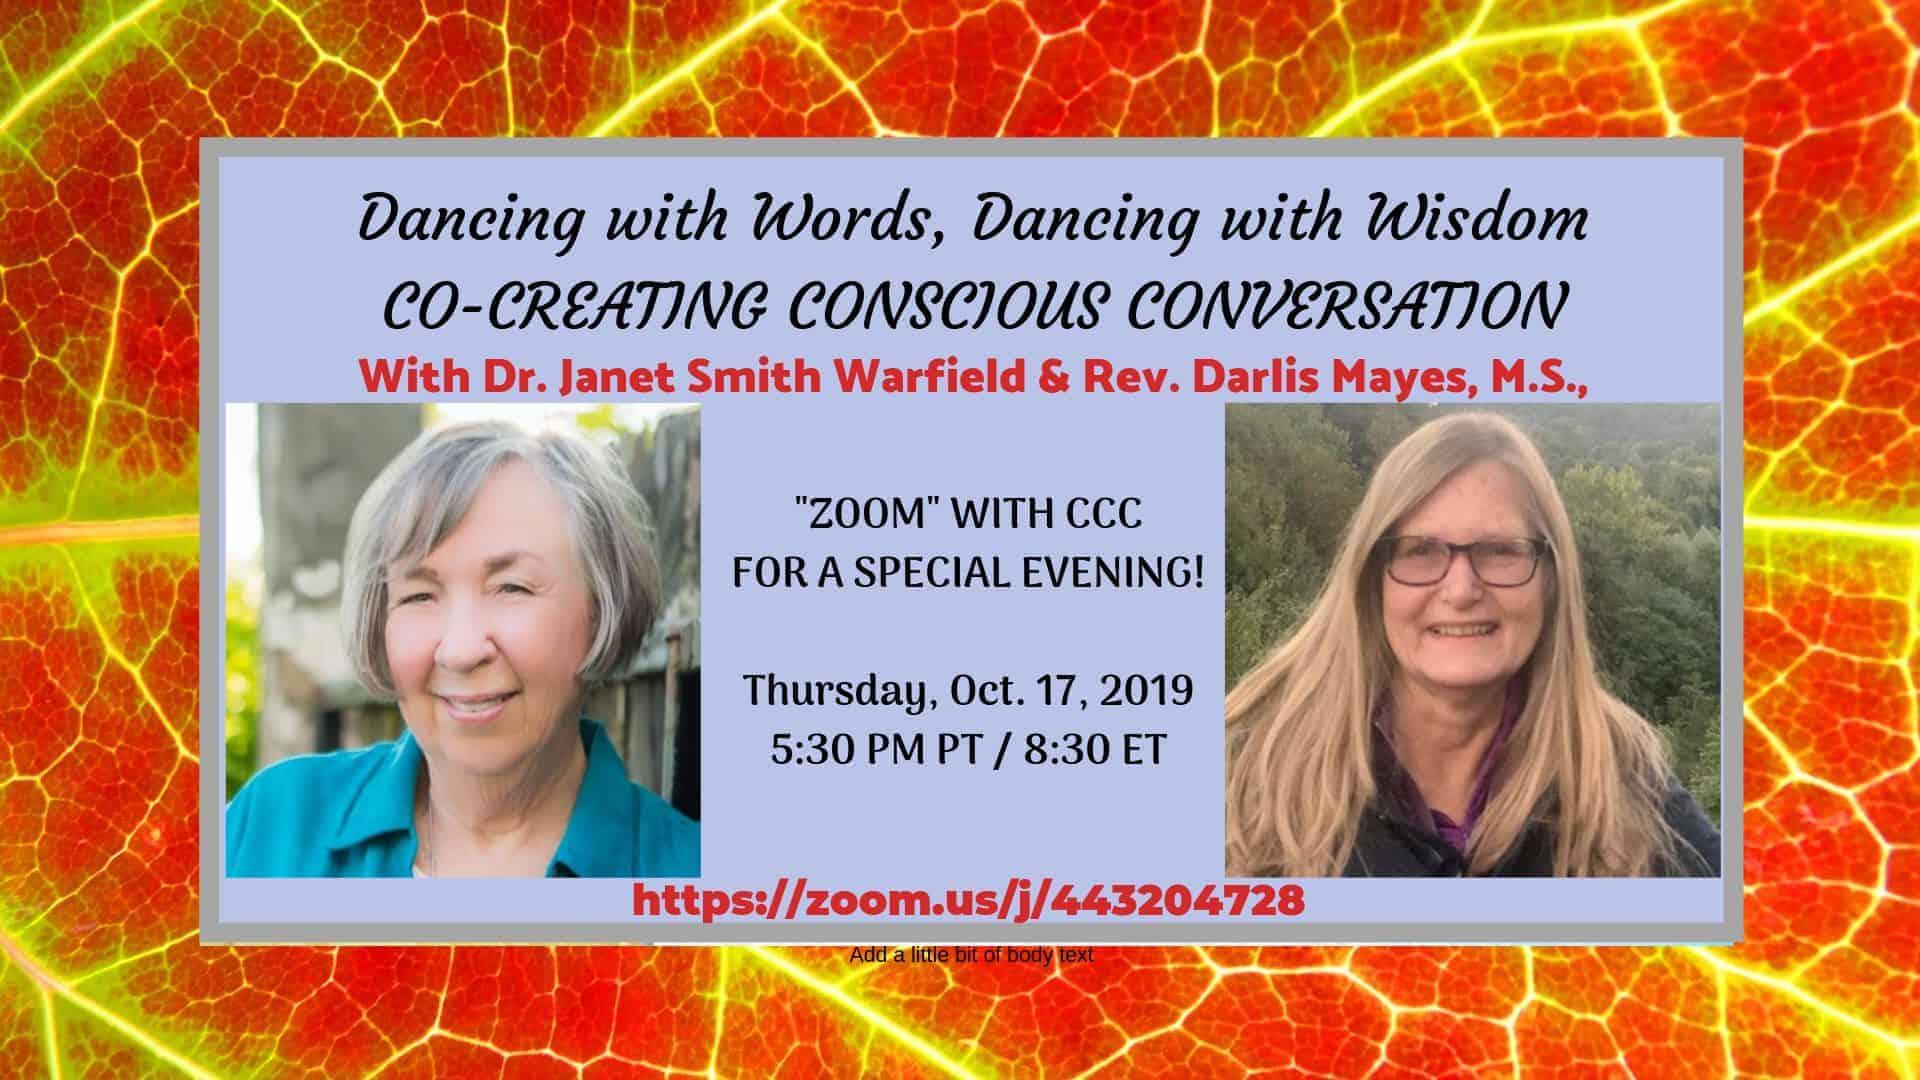 Join us Thursday, 5:30 p.m. PT/8:30 p.m. ET, to EXPERIENCE a conscious, co-creative conversation, LE